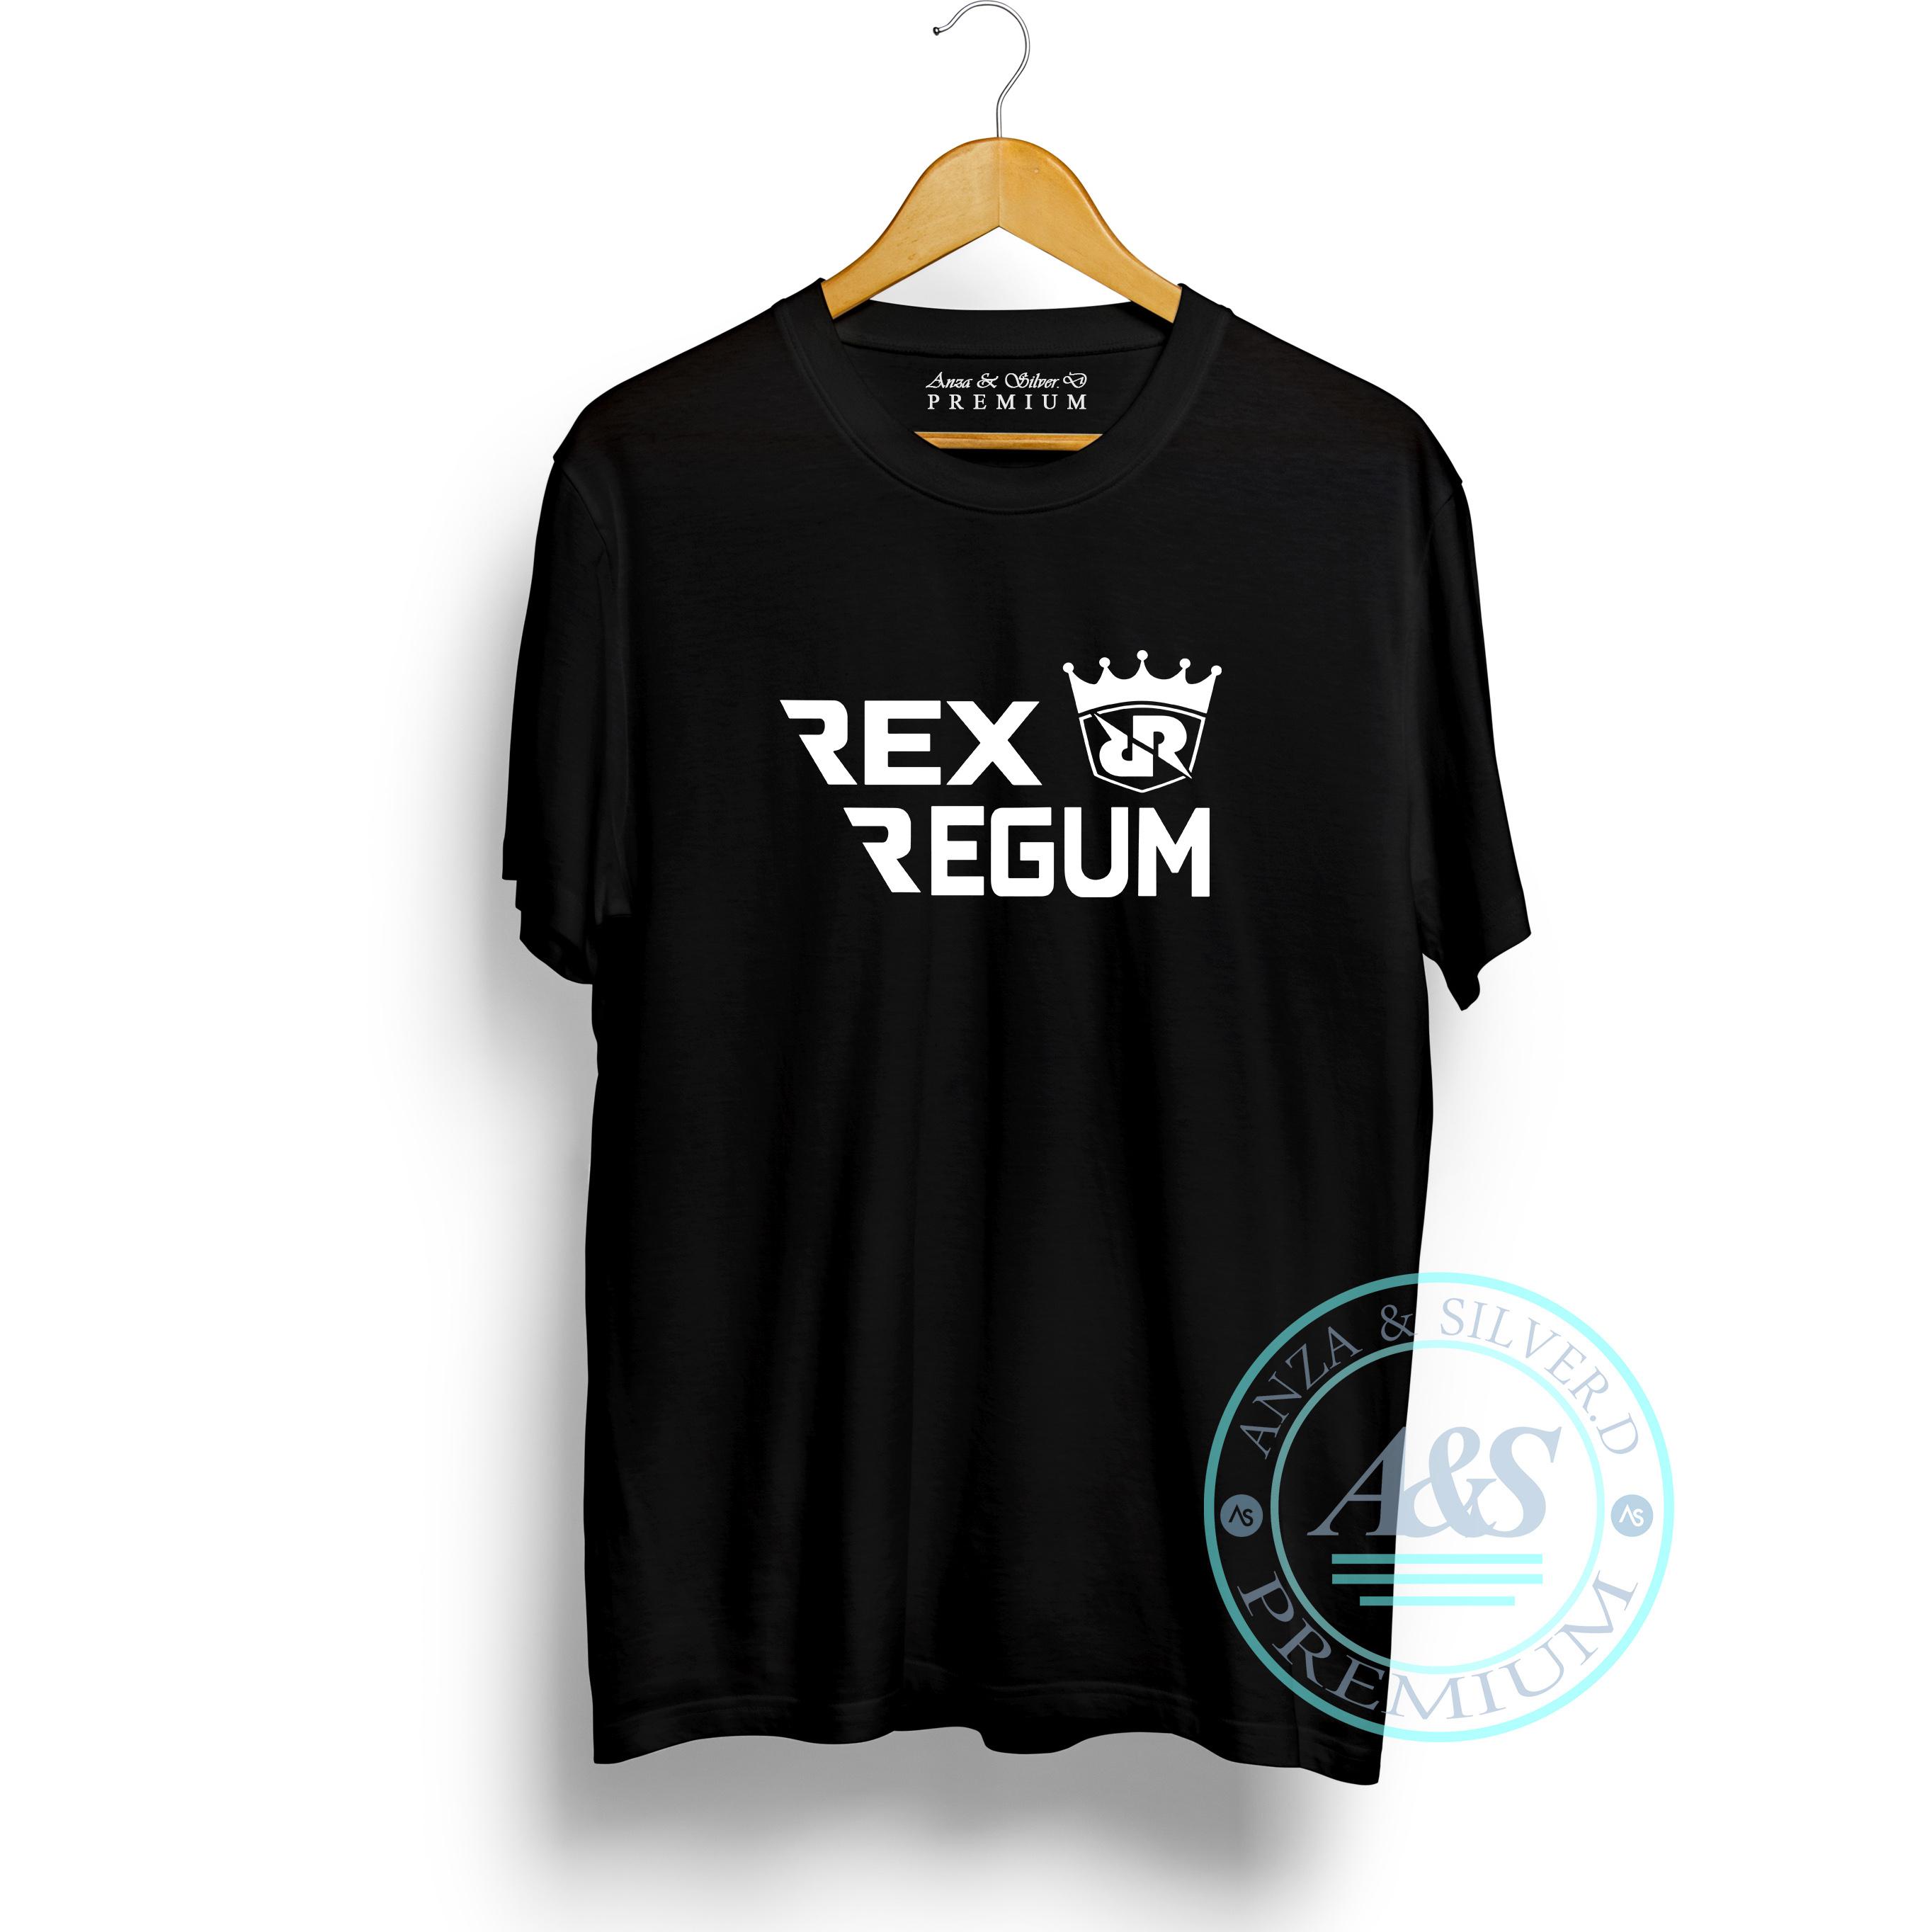 baju kaos rex regum qeon ( rrq ) | t-shirt pria bahan 100% cotton combed 30s kualitas premium | atasan distro pria tulisan